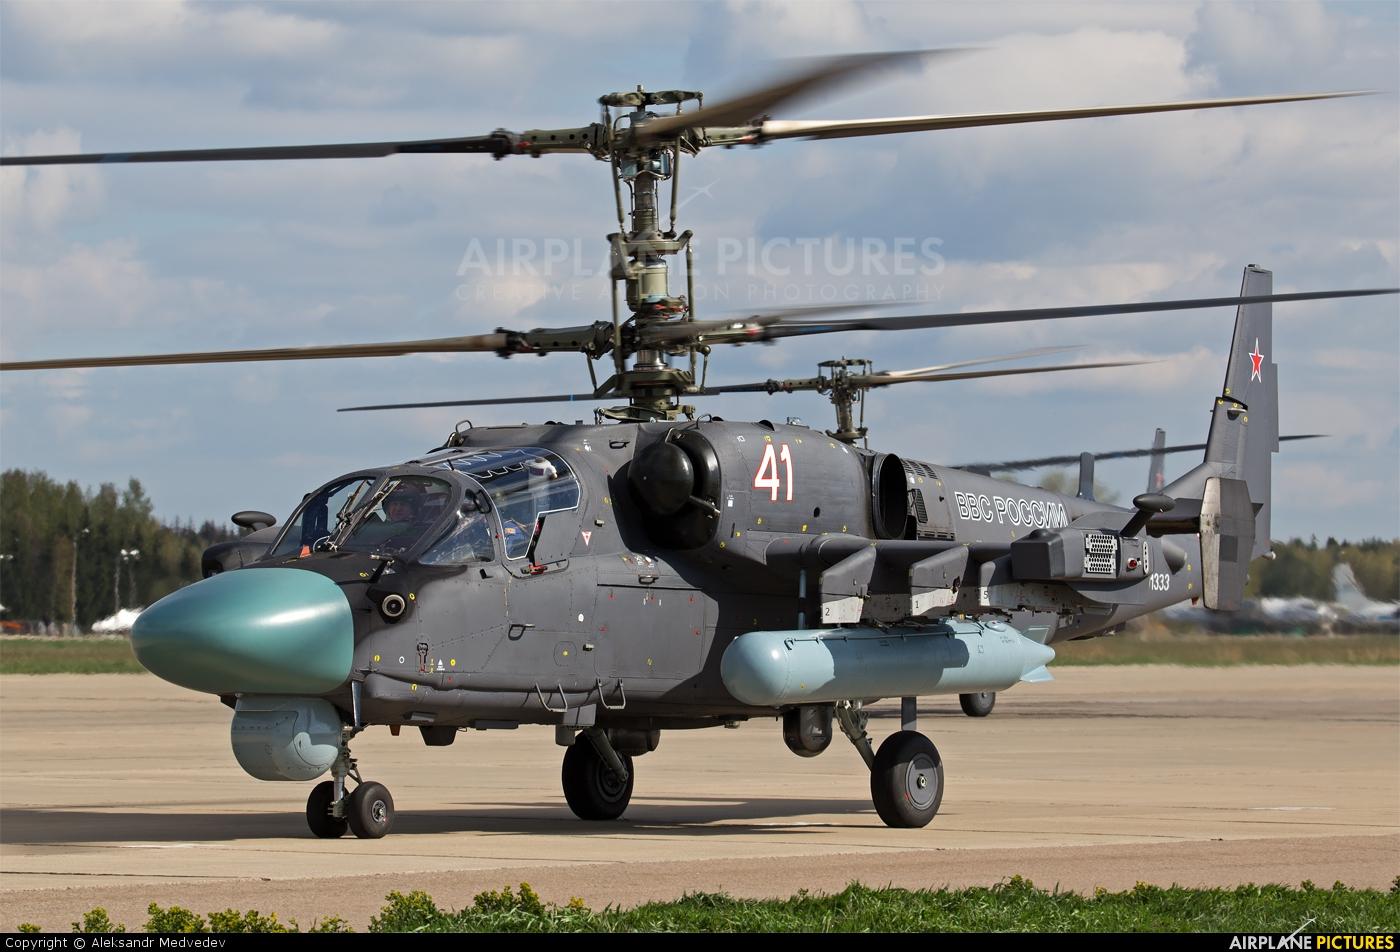 Russia - Air Force 41 aircraft at Kubinka